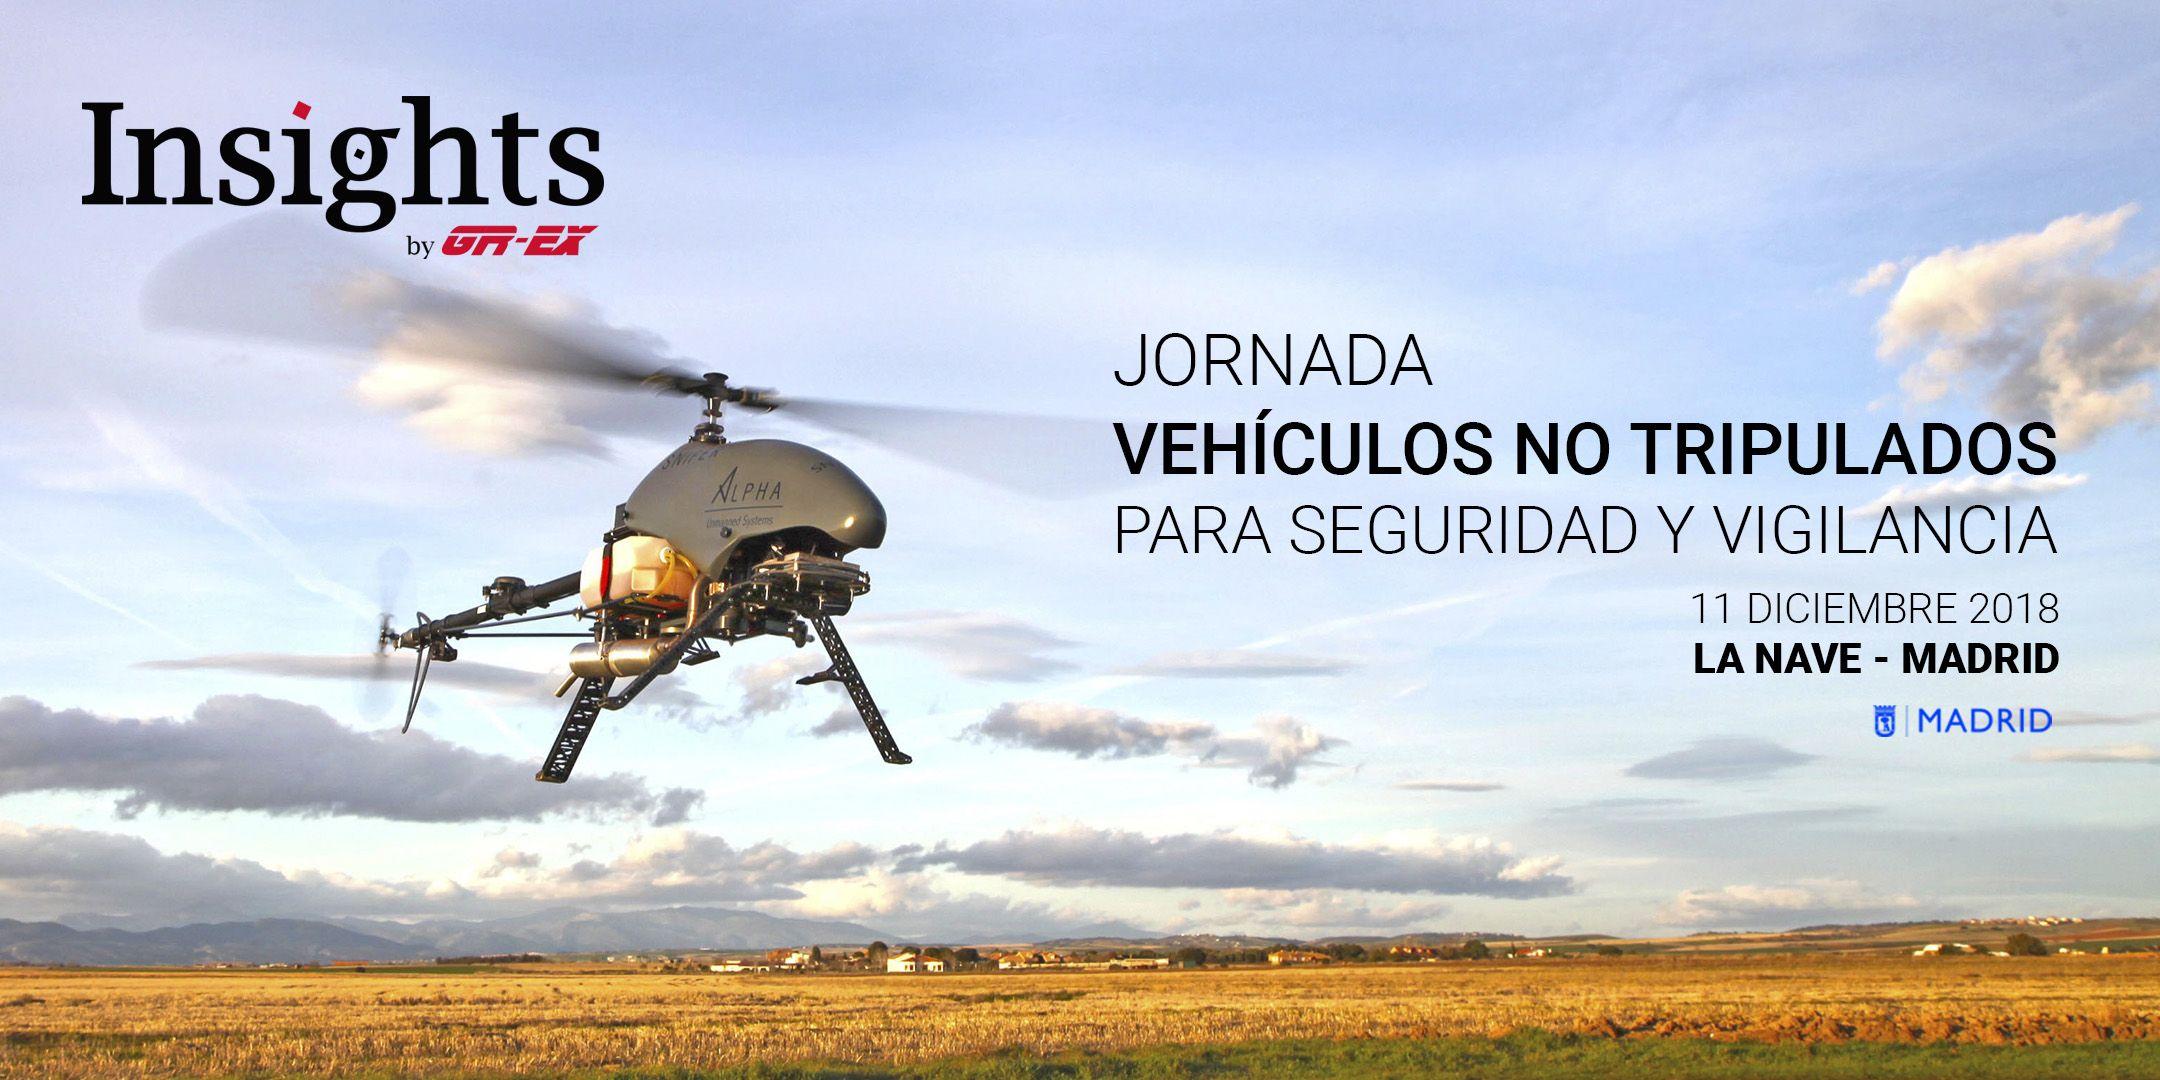 Foto de Jornada Vehículos no tripulados para Seguridad y Vigilancia